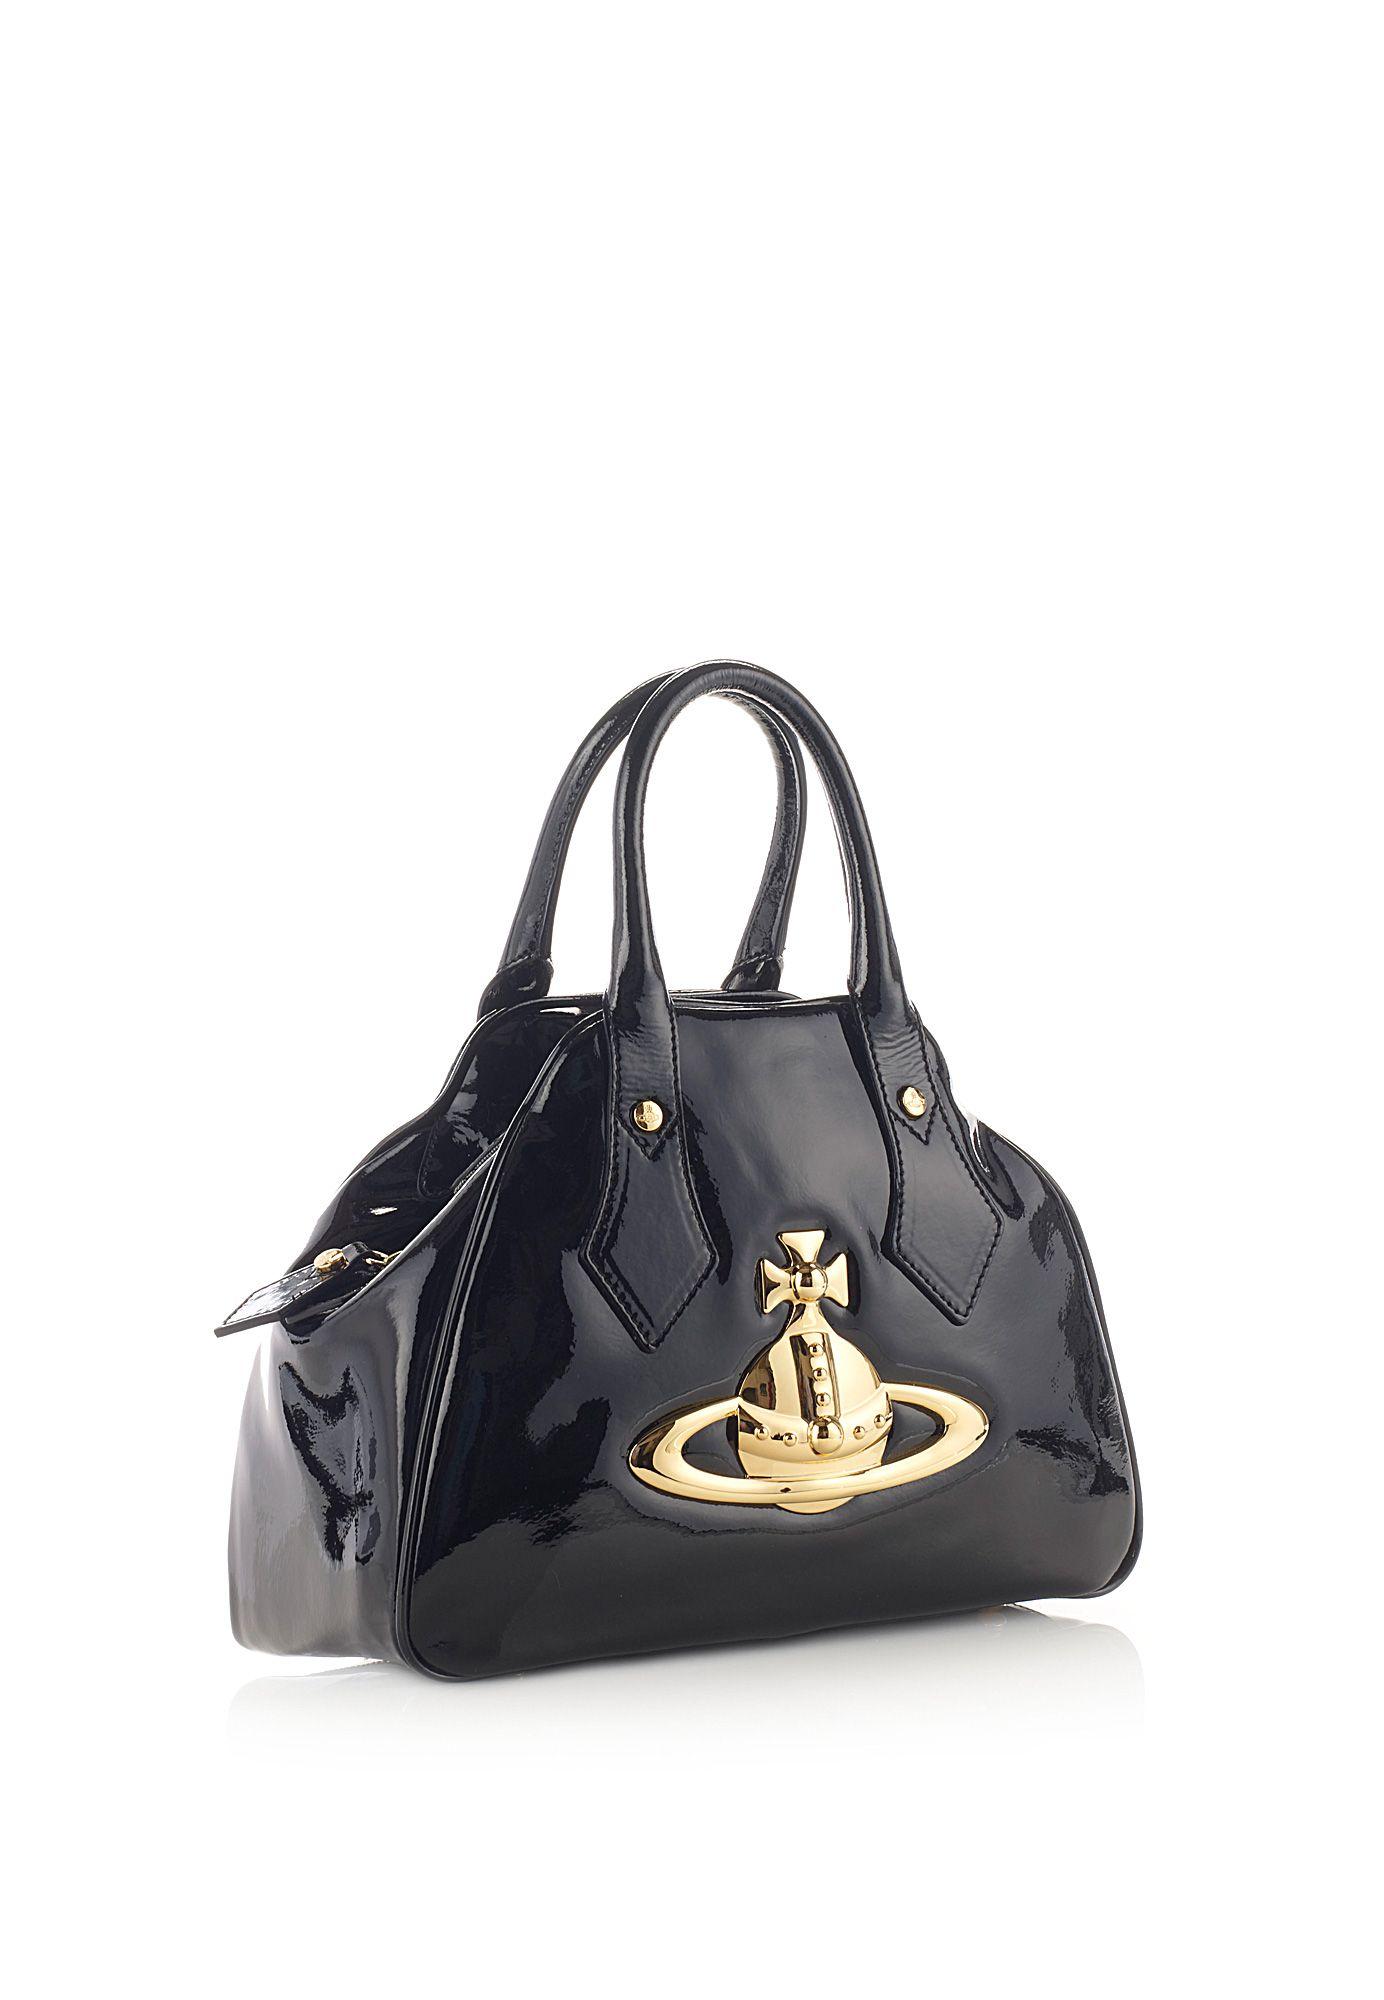 673389f9472 Vivienne Westwood Classic Orb Bag Black   Viviene Westwood   Bags ...